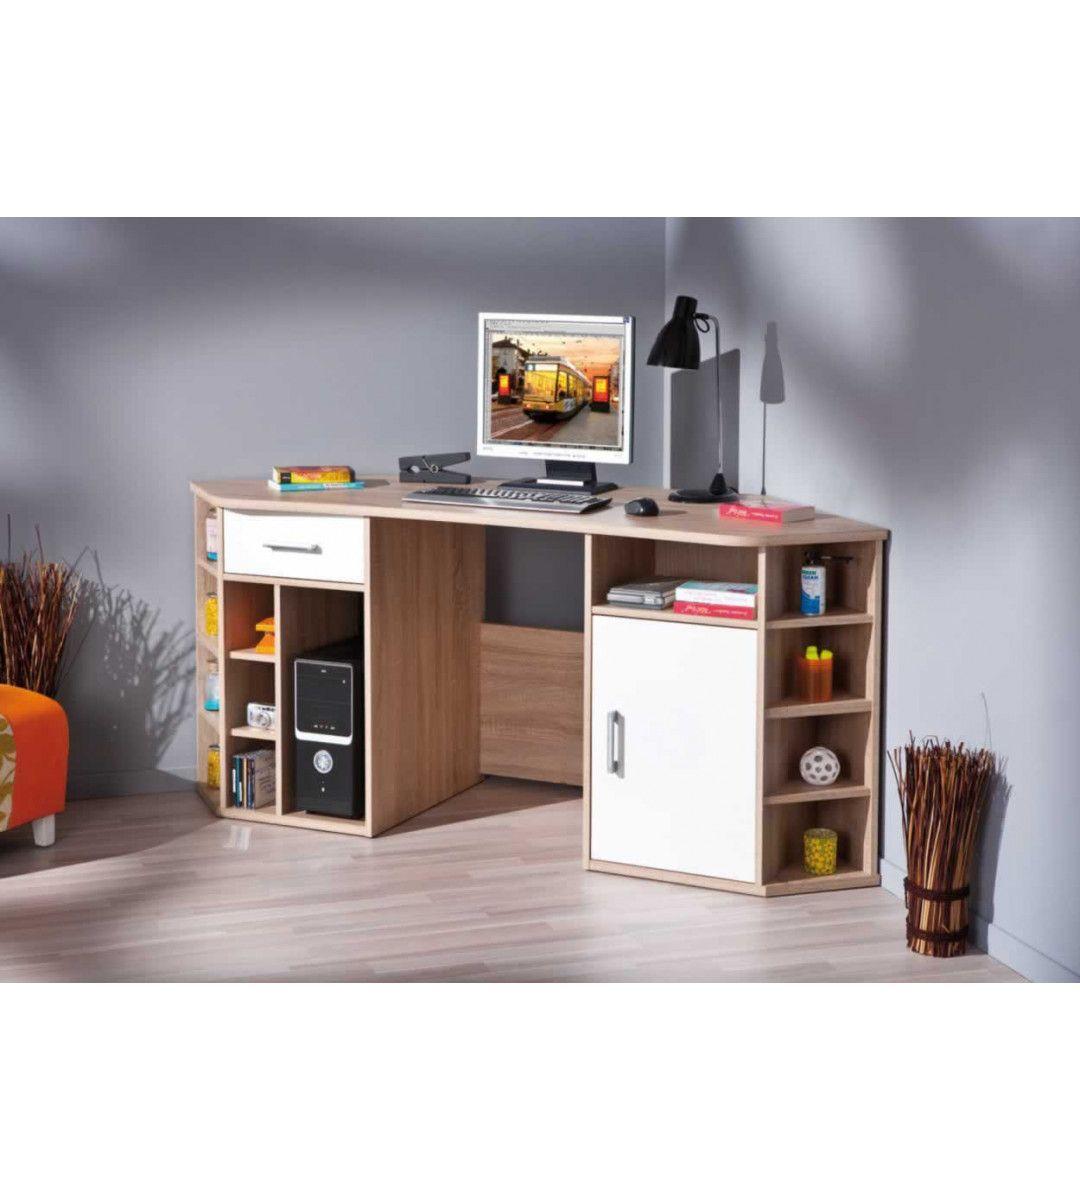 bureaux d'angle - bureaux pas cher - trocity